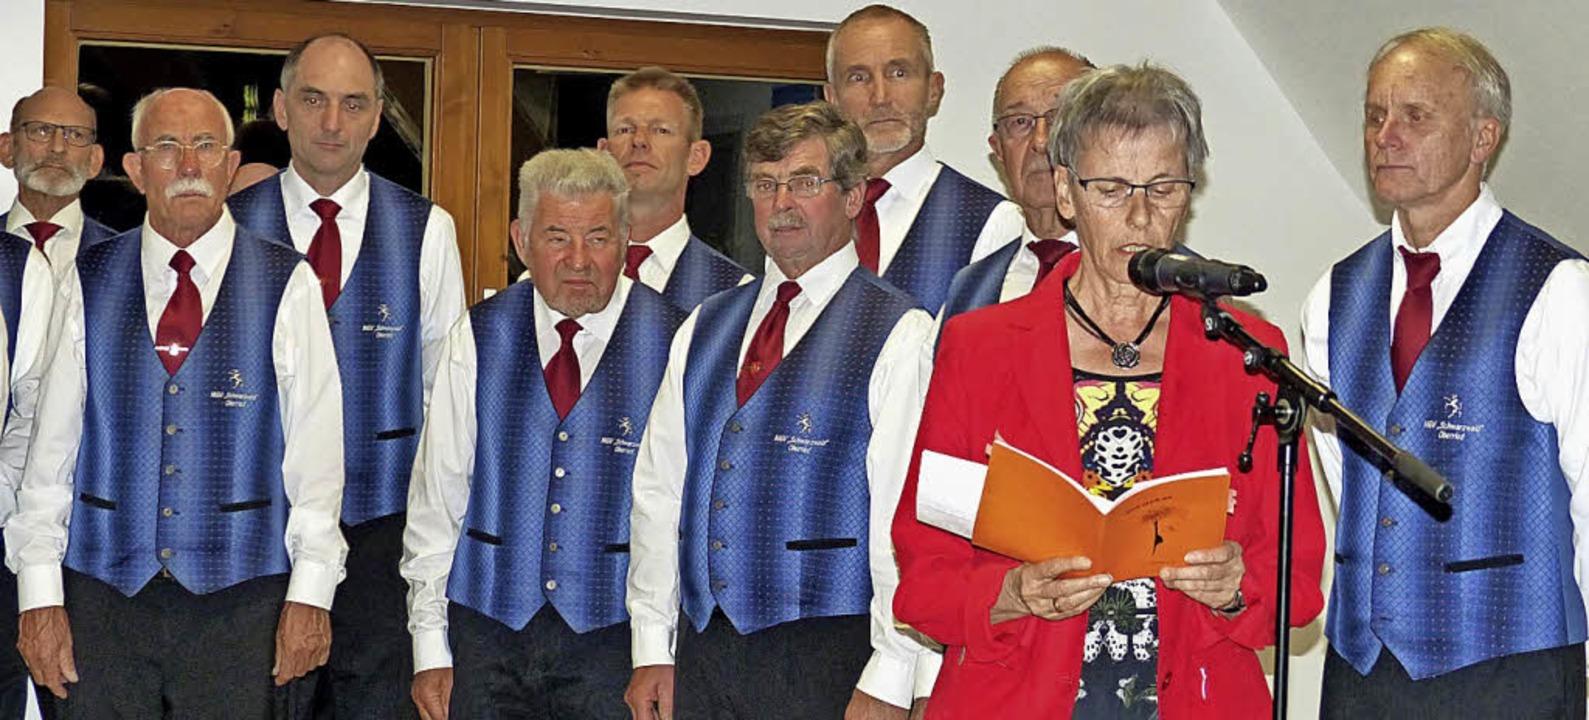 Mundartdichterin Mariele Loy mit dem Männergesangverein Schwarzwald  | Foto: Barbara Odrich-Rees